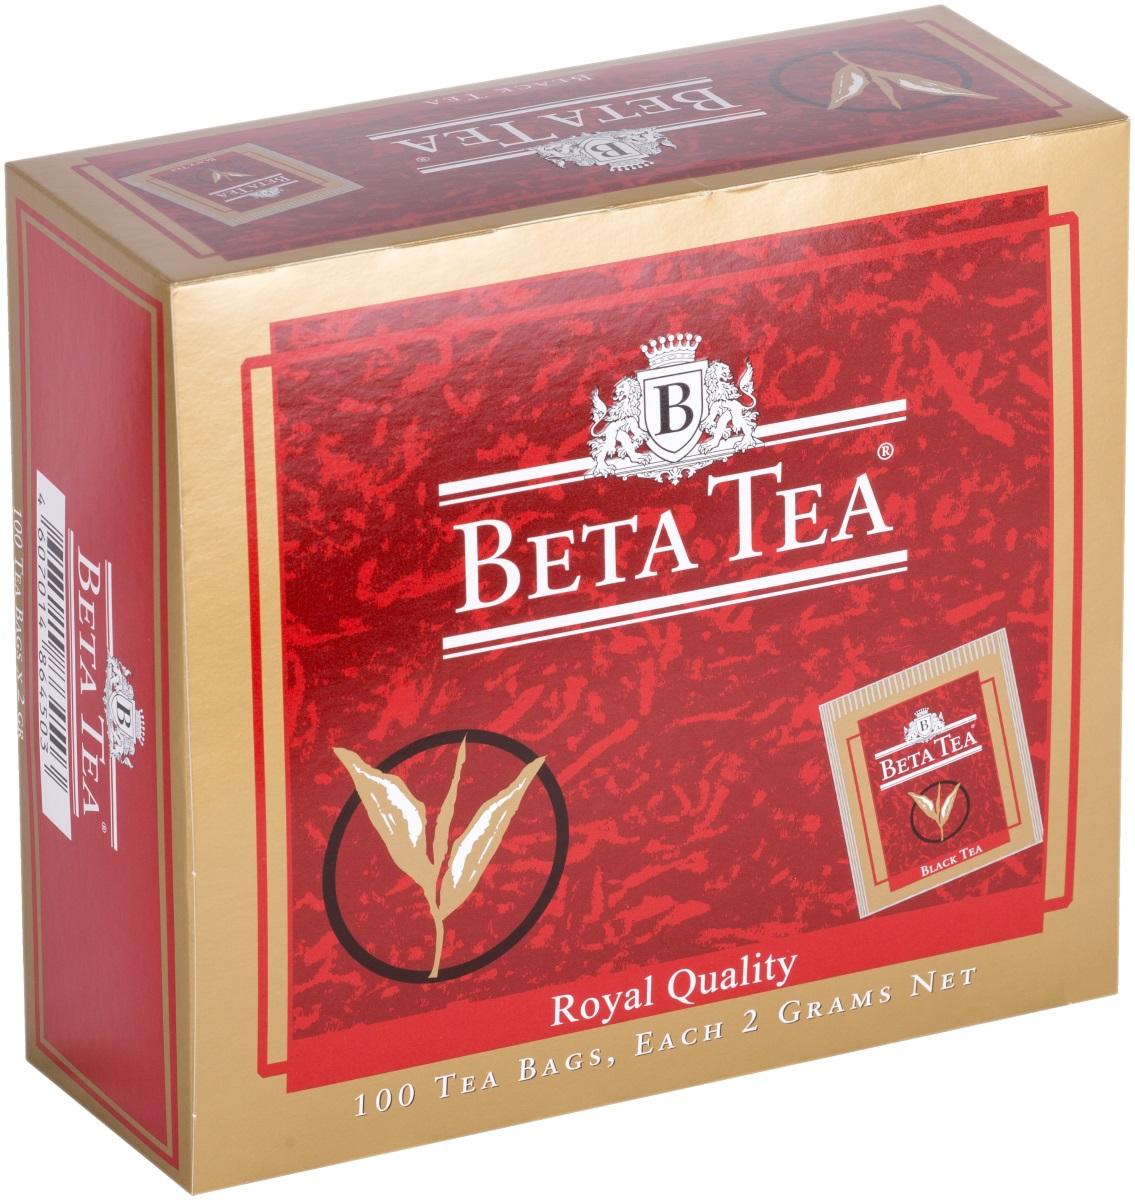 Beta Tea Королевское качество черный чай в пакетиках, 100 шт0120710Beta Tea Королевское качество моментально околдует вас чайным ароматом и цветом напитка. Этот чай, собранный с самых лучших плантаций Цейлона, производится в экологически чистых условиях при помощи современных технологий.